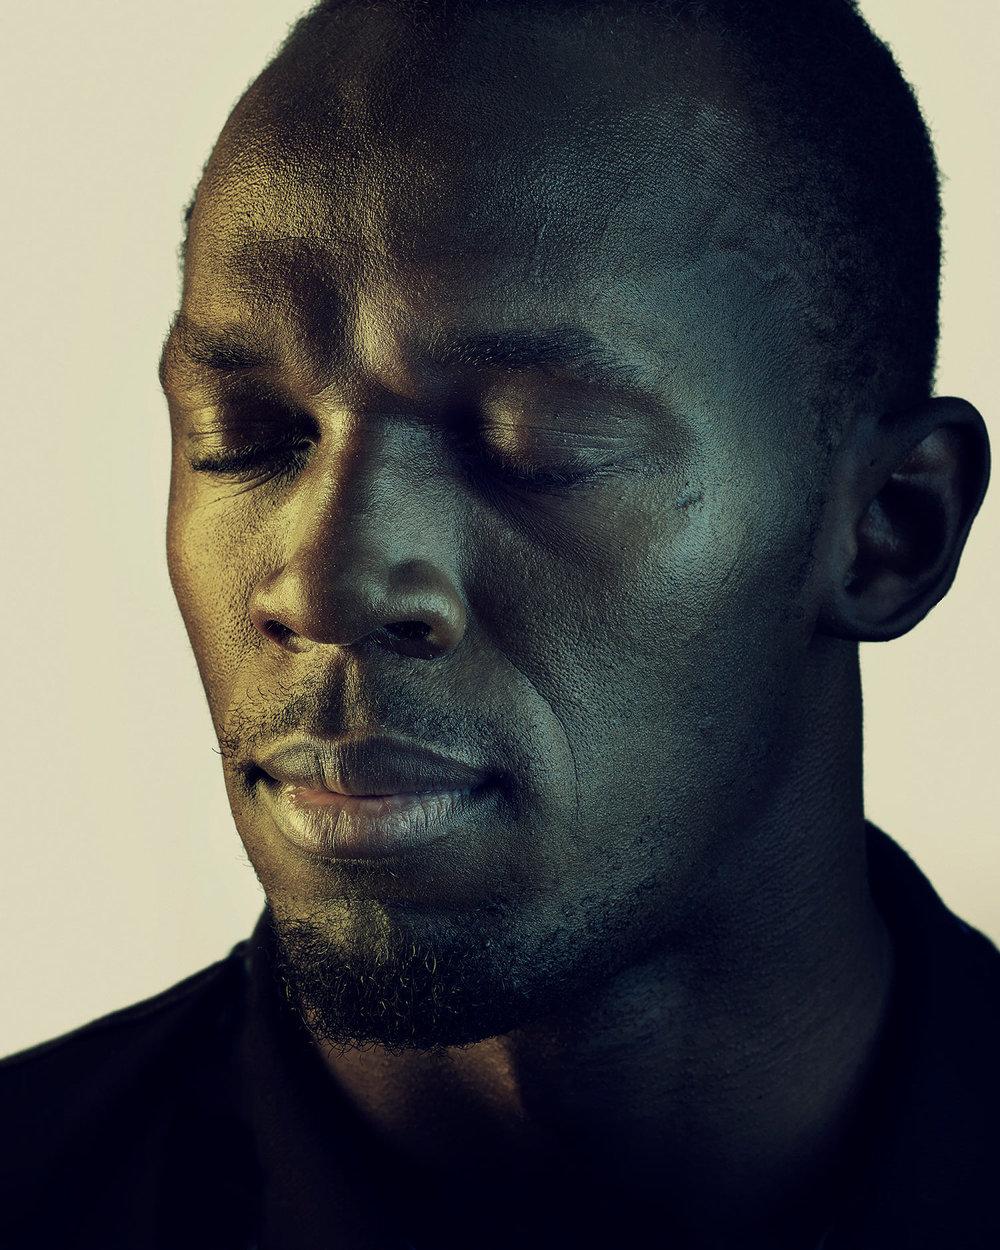 Simon-Harsent-Portrait-of-Usain-Bolt.jpg